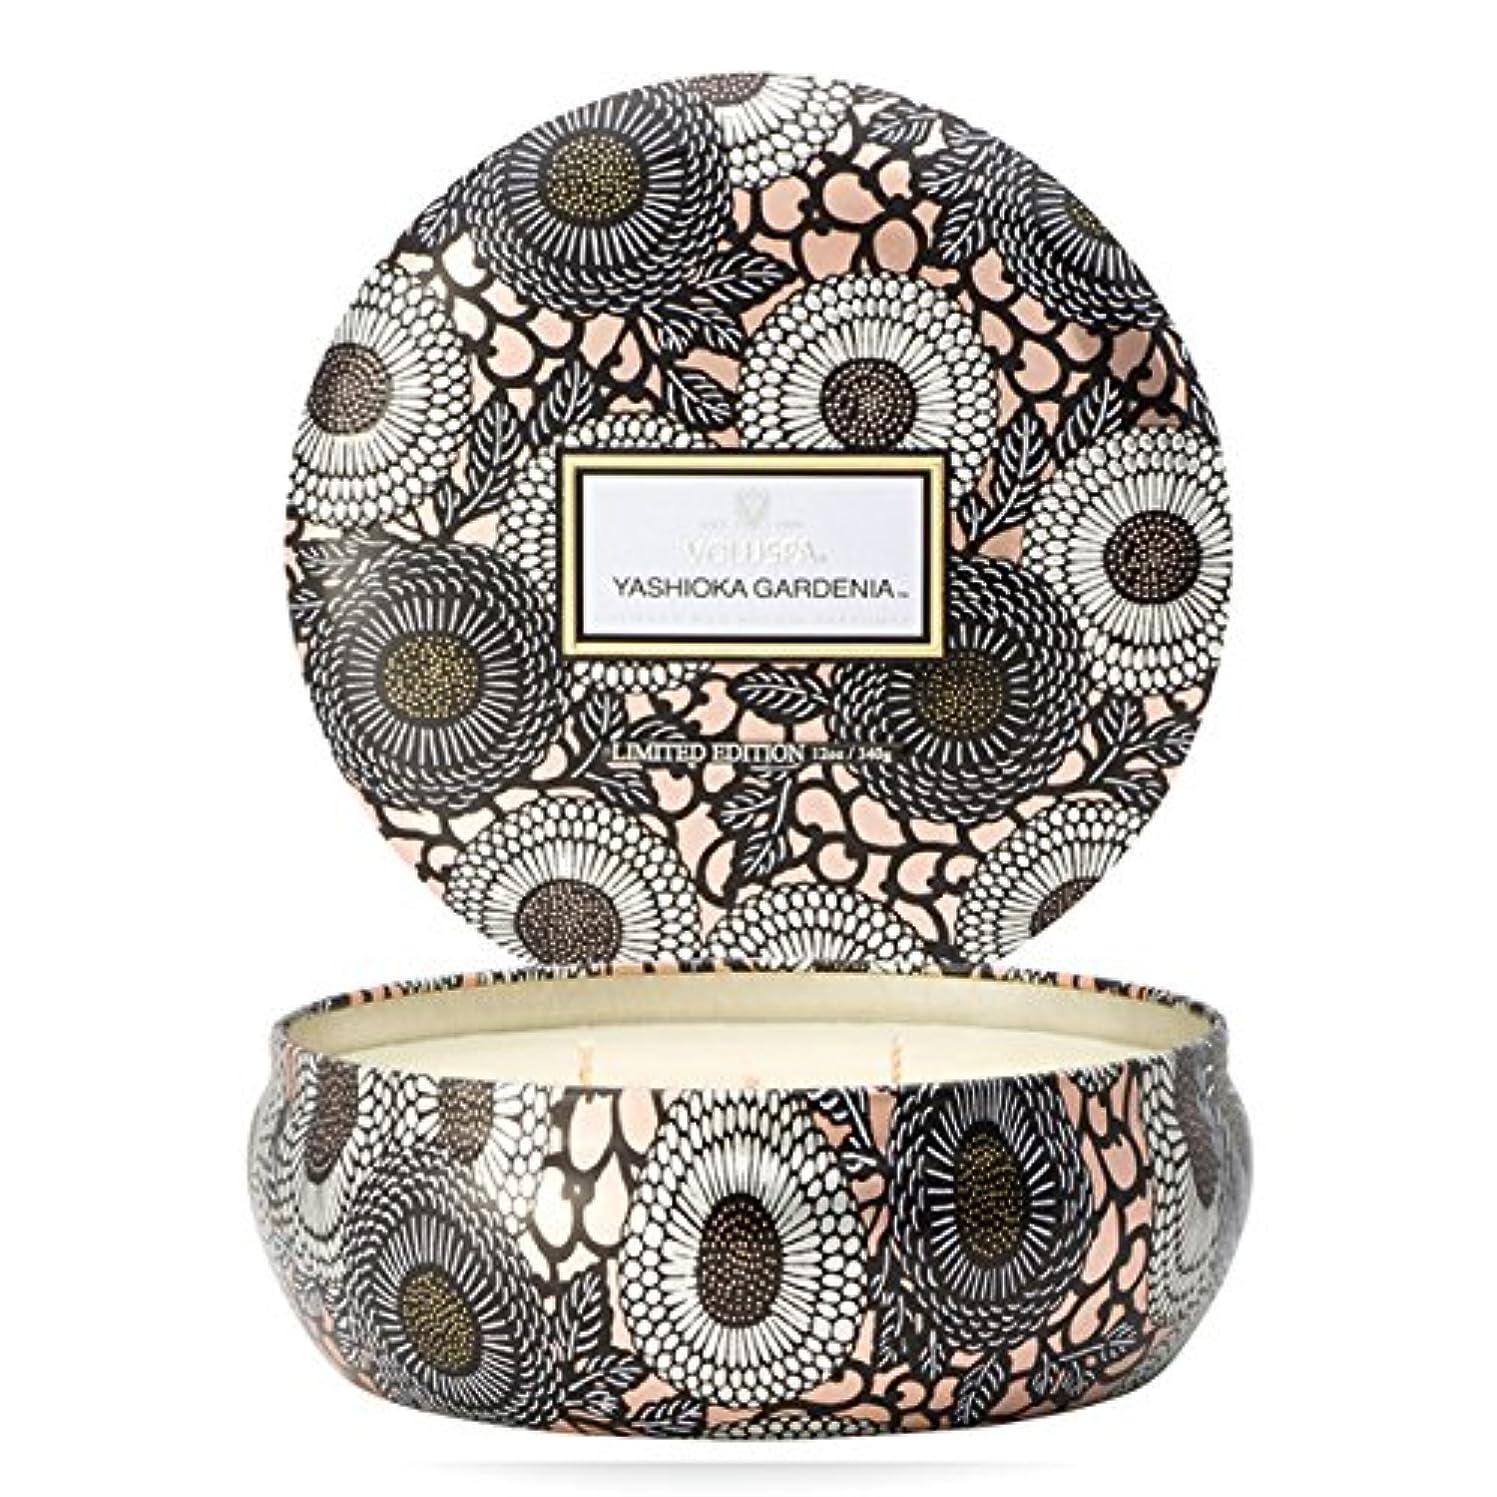 リール等々基礎Voluspa ボルスパ ジャポニカ リミテッド 3-Wick ティンキャンドル  ヤシオカガーデニア YASHIOKA GARDENIA JAPONICA Limited 3-ウィック Tin Glass Candle